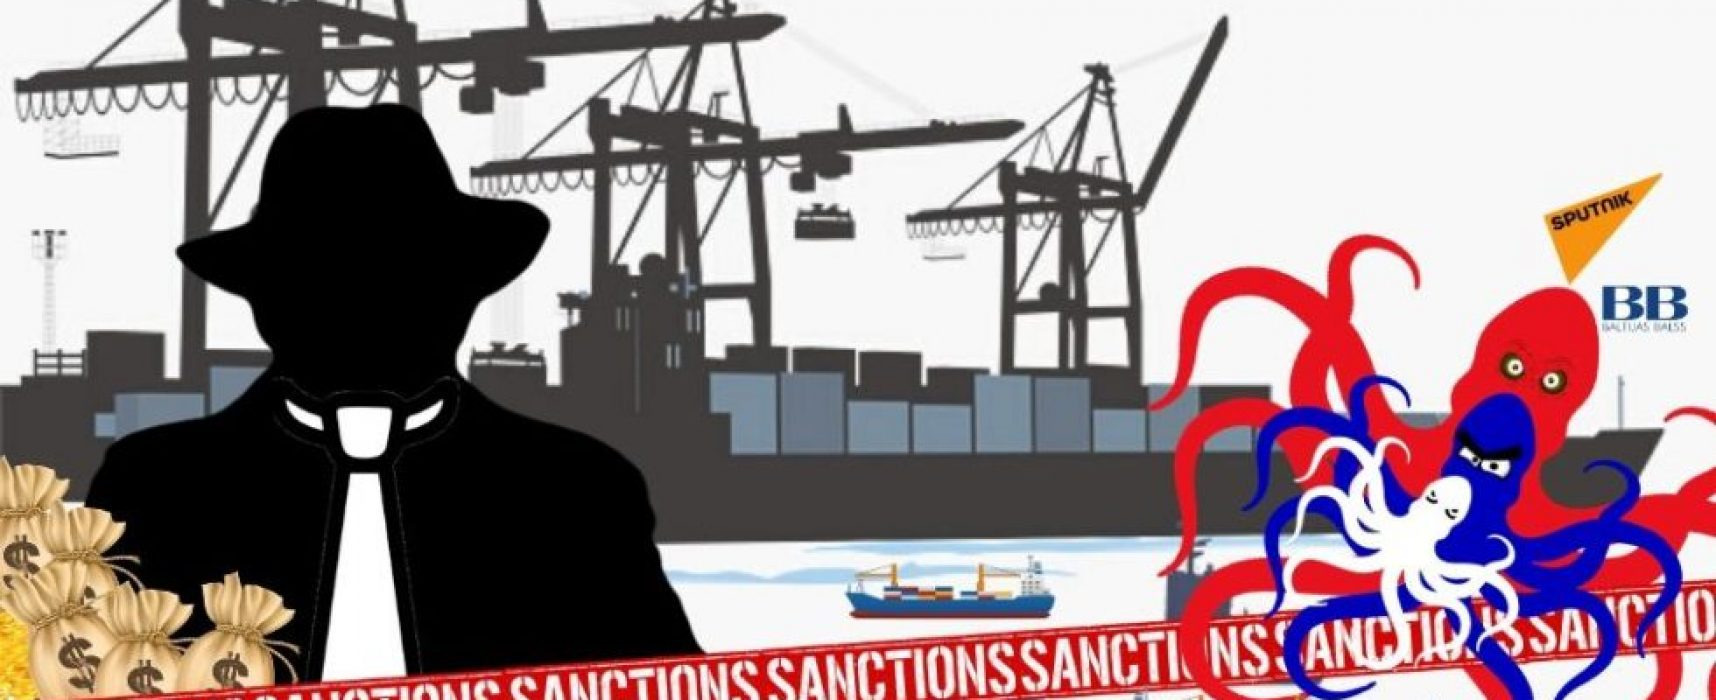 Санкции в центре внимания: дезинформация против Латвии